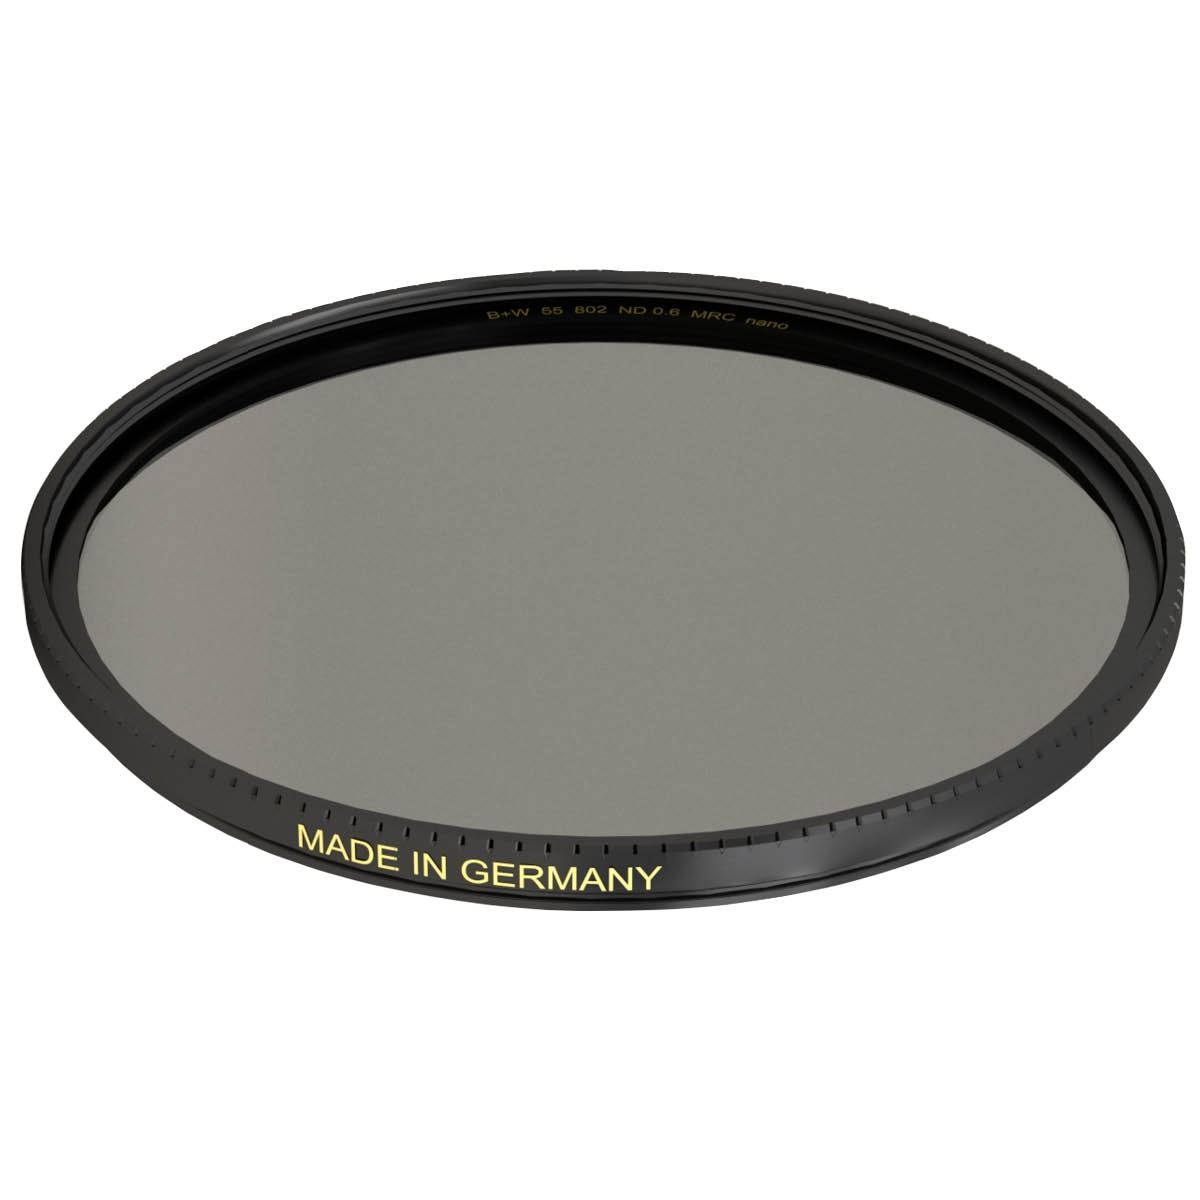 B+W Graufilter 46 mm XS-Pro +2